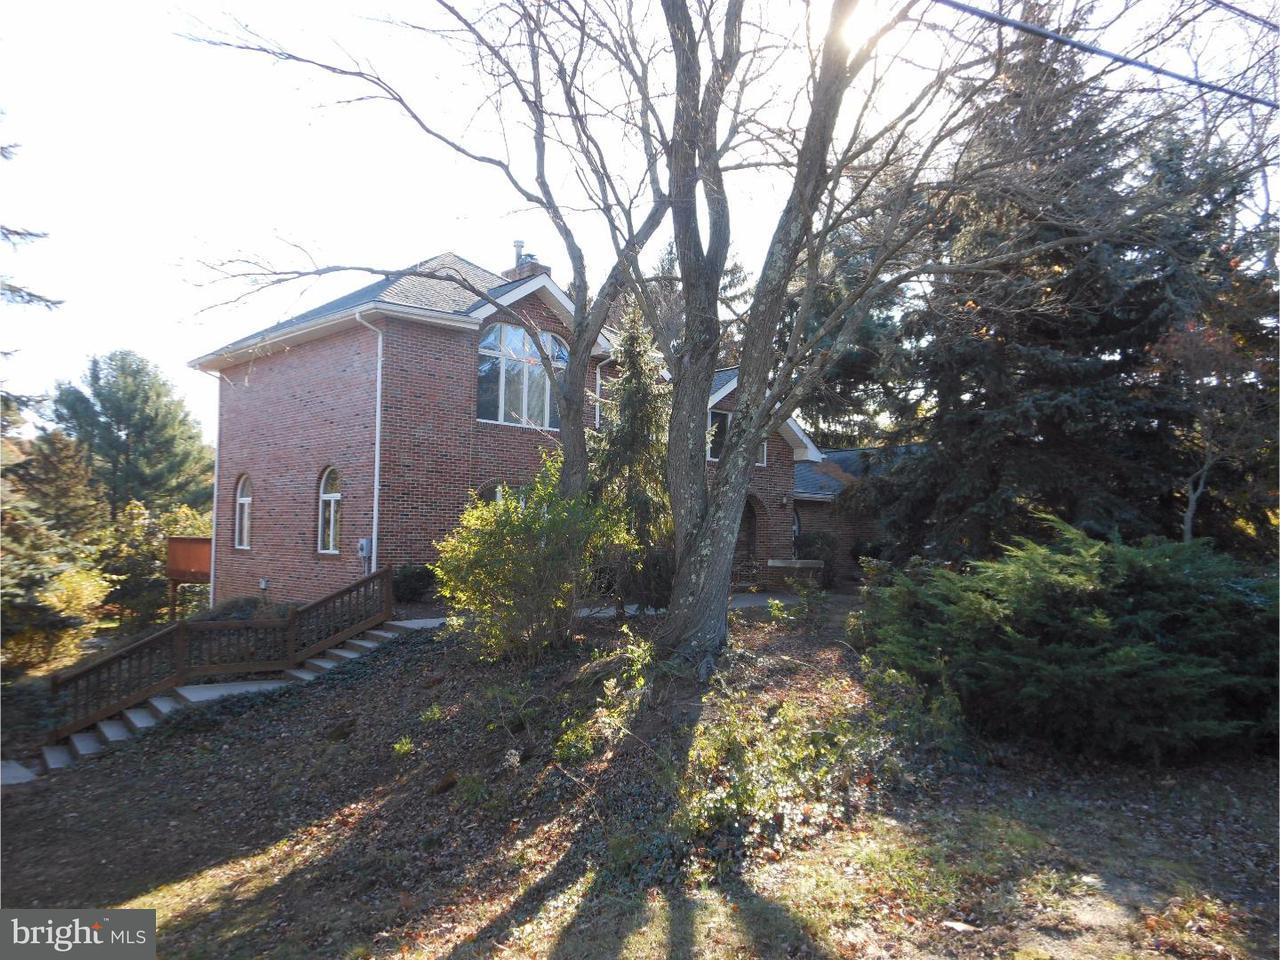 Maison unifamiliale pour l Vente à 173 OLD BEEKMAN Road Monmouth Junction, New Jersey 08852 États-UnisDans/Autour: South Brunswick Township